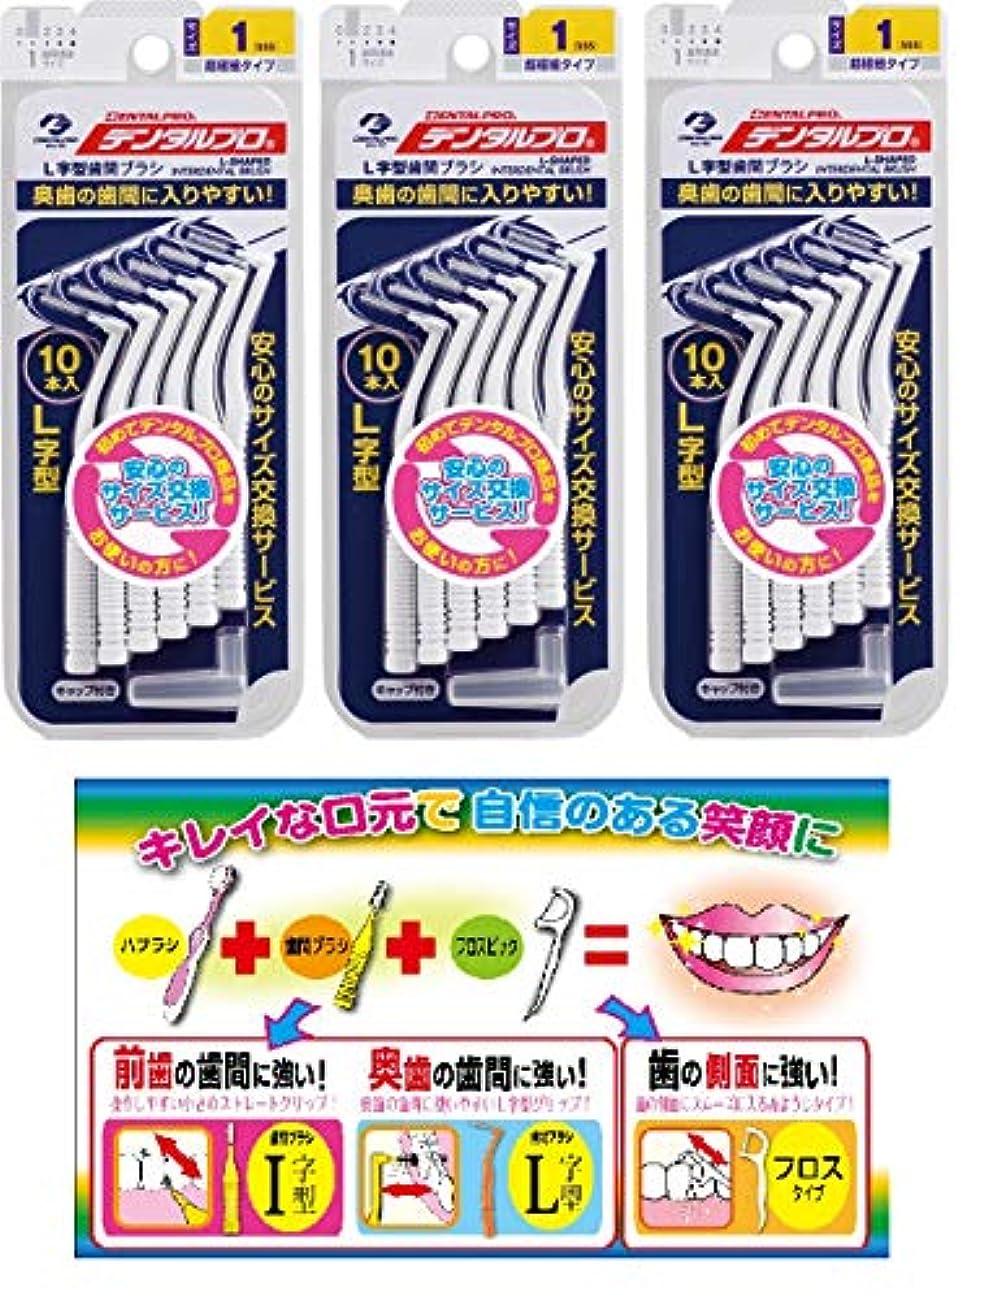 【Amazon.co.jp限定】DP歯間ブラシL字型10本入サイズ1 3P+リーフレット